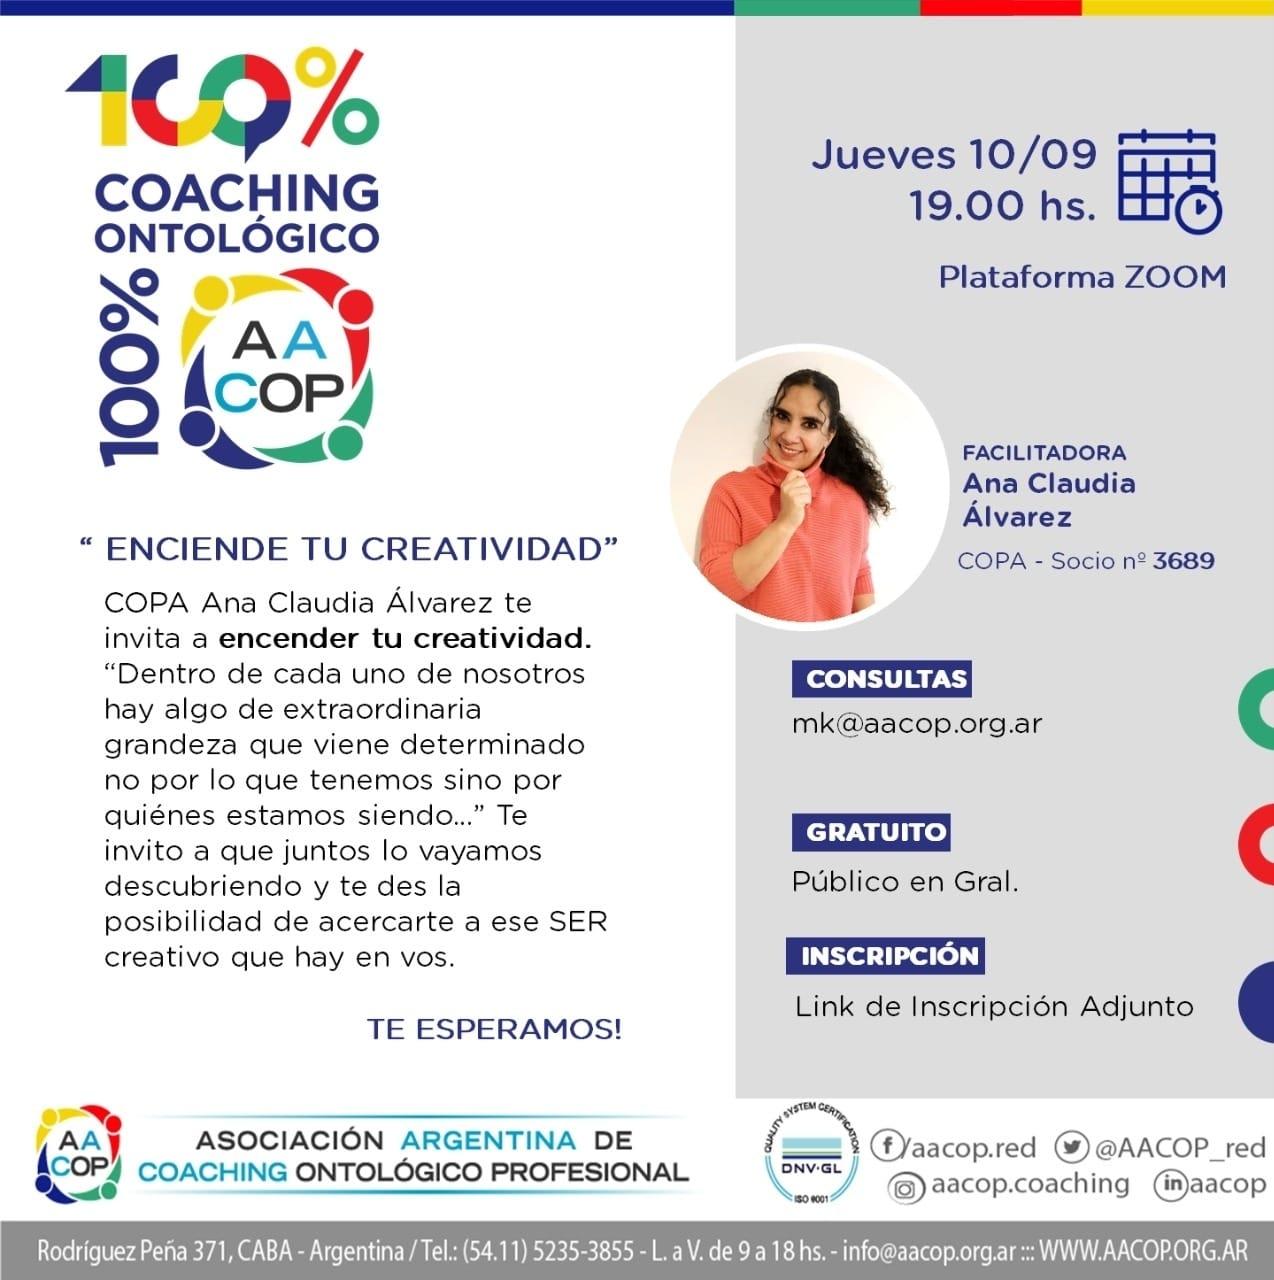 Enciende tu creatividad. Entrevista a Ana Claudia Alvarez. | imagen